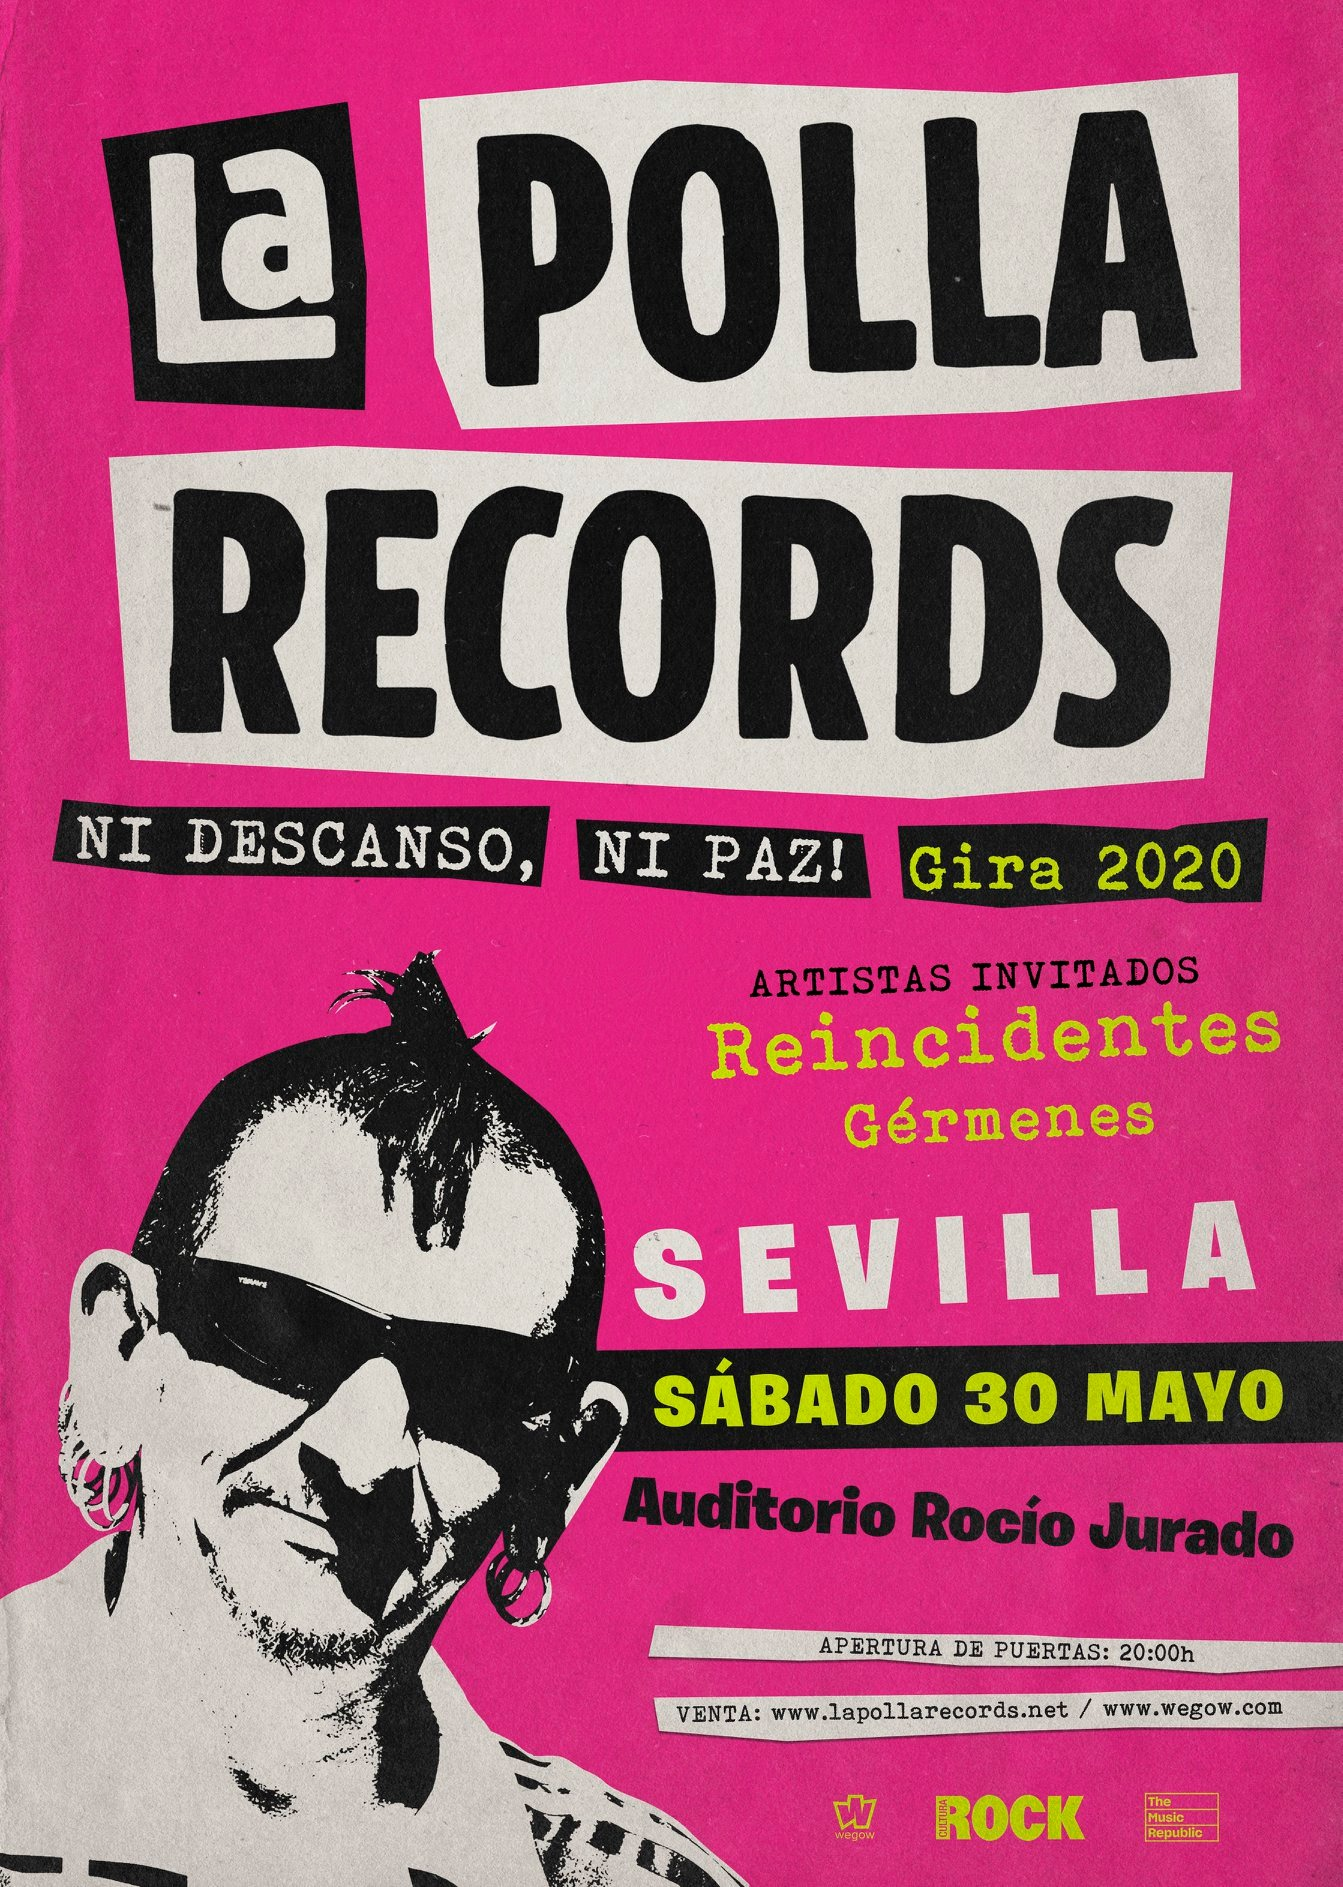 La Polla Records + Reincidentes + Gérmenes